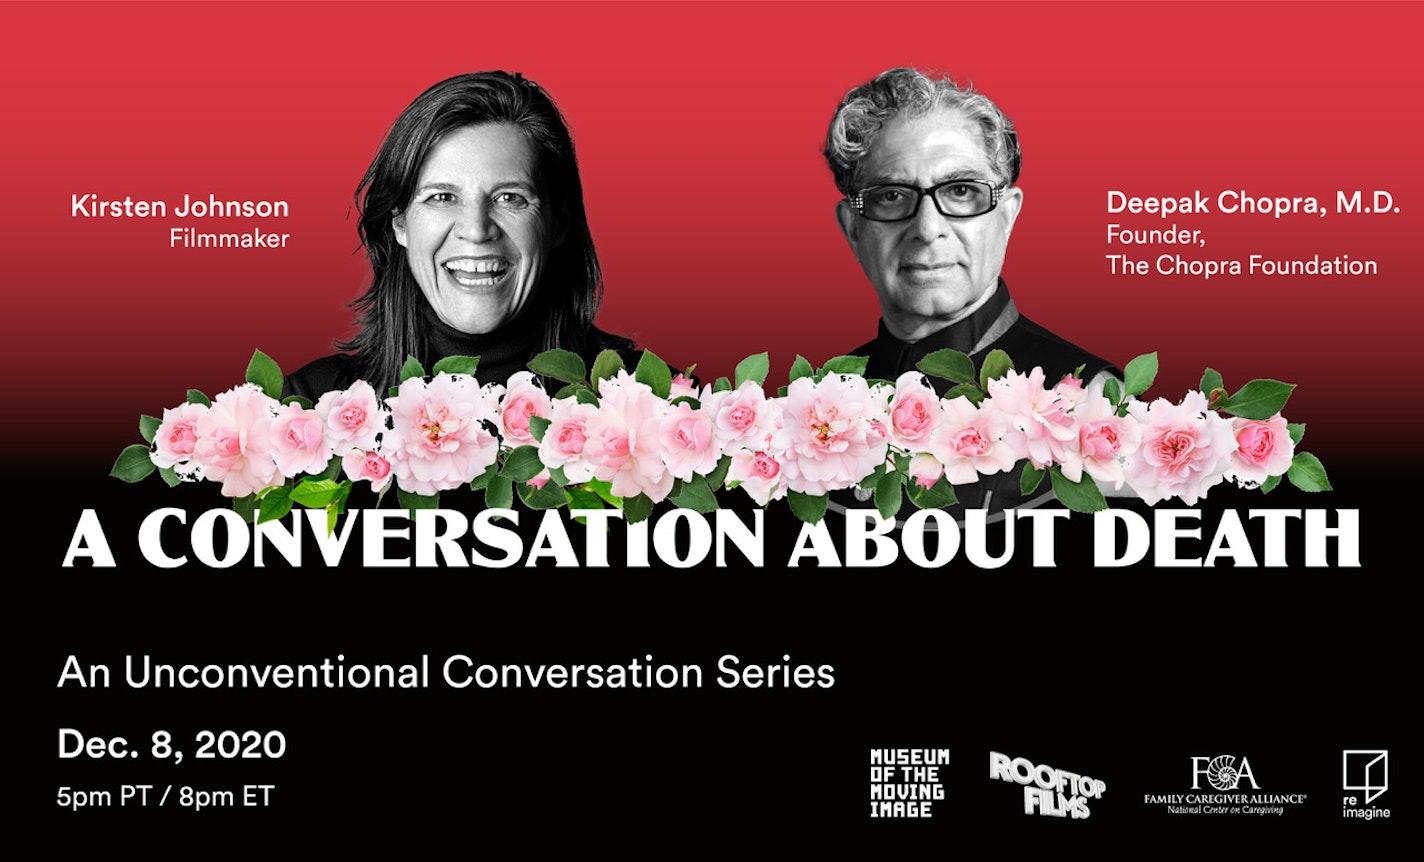 Deepak Chopra & Kirsten Johnson in a Conversation about Death